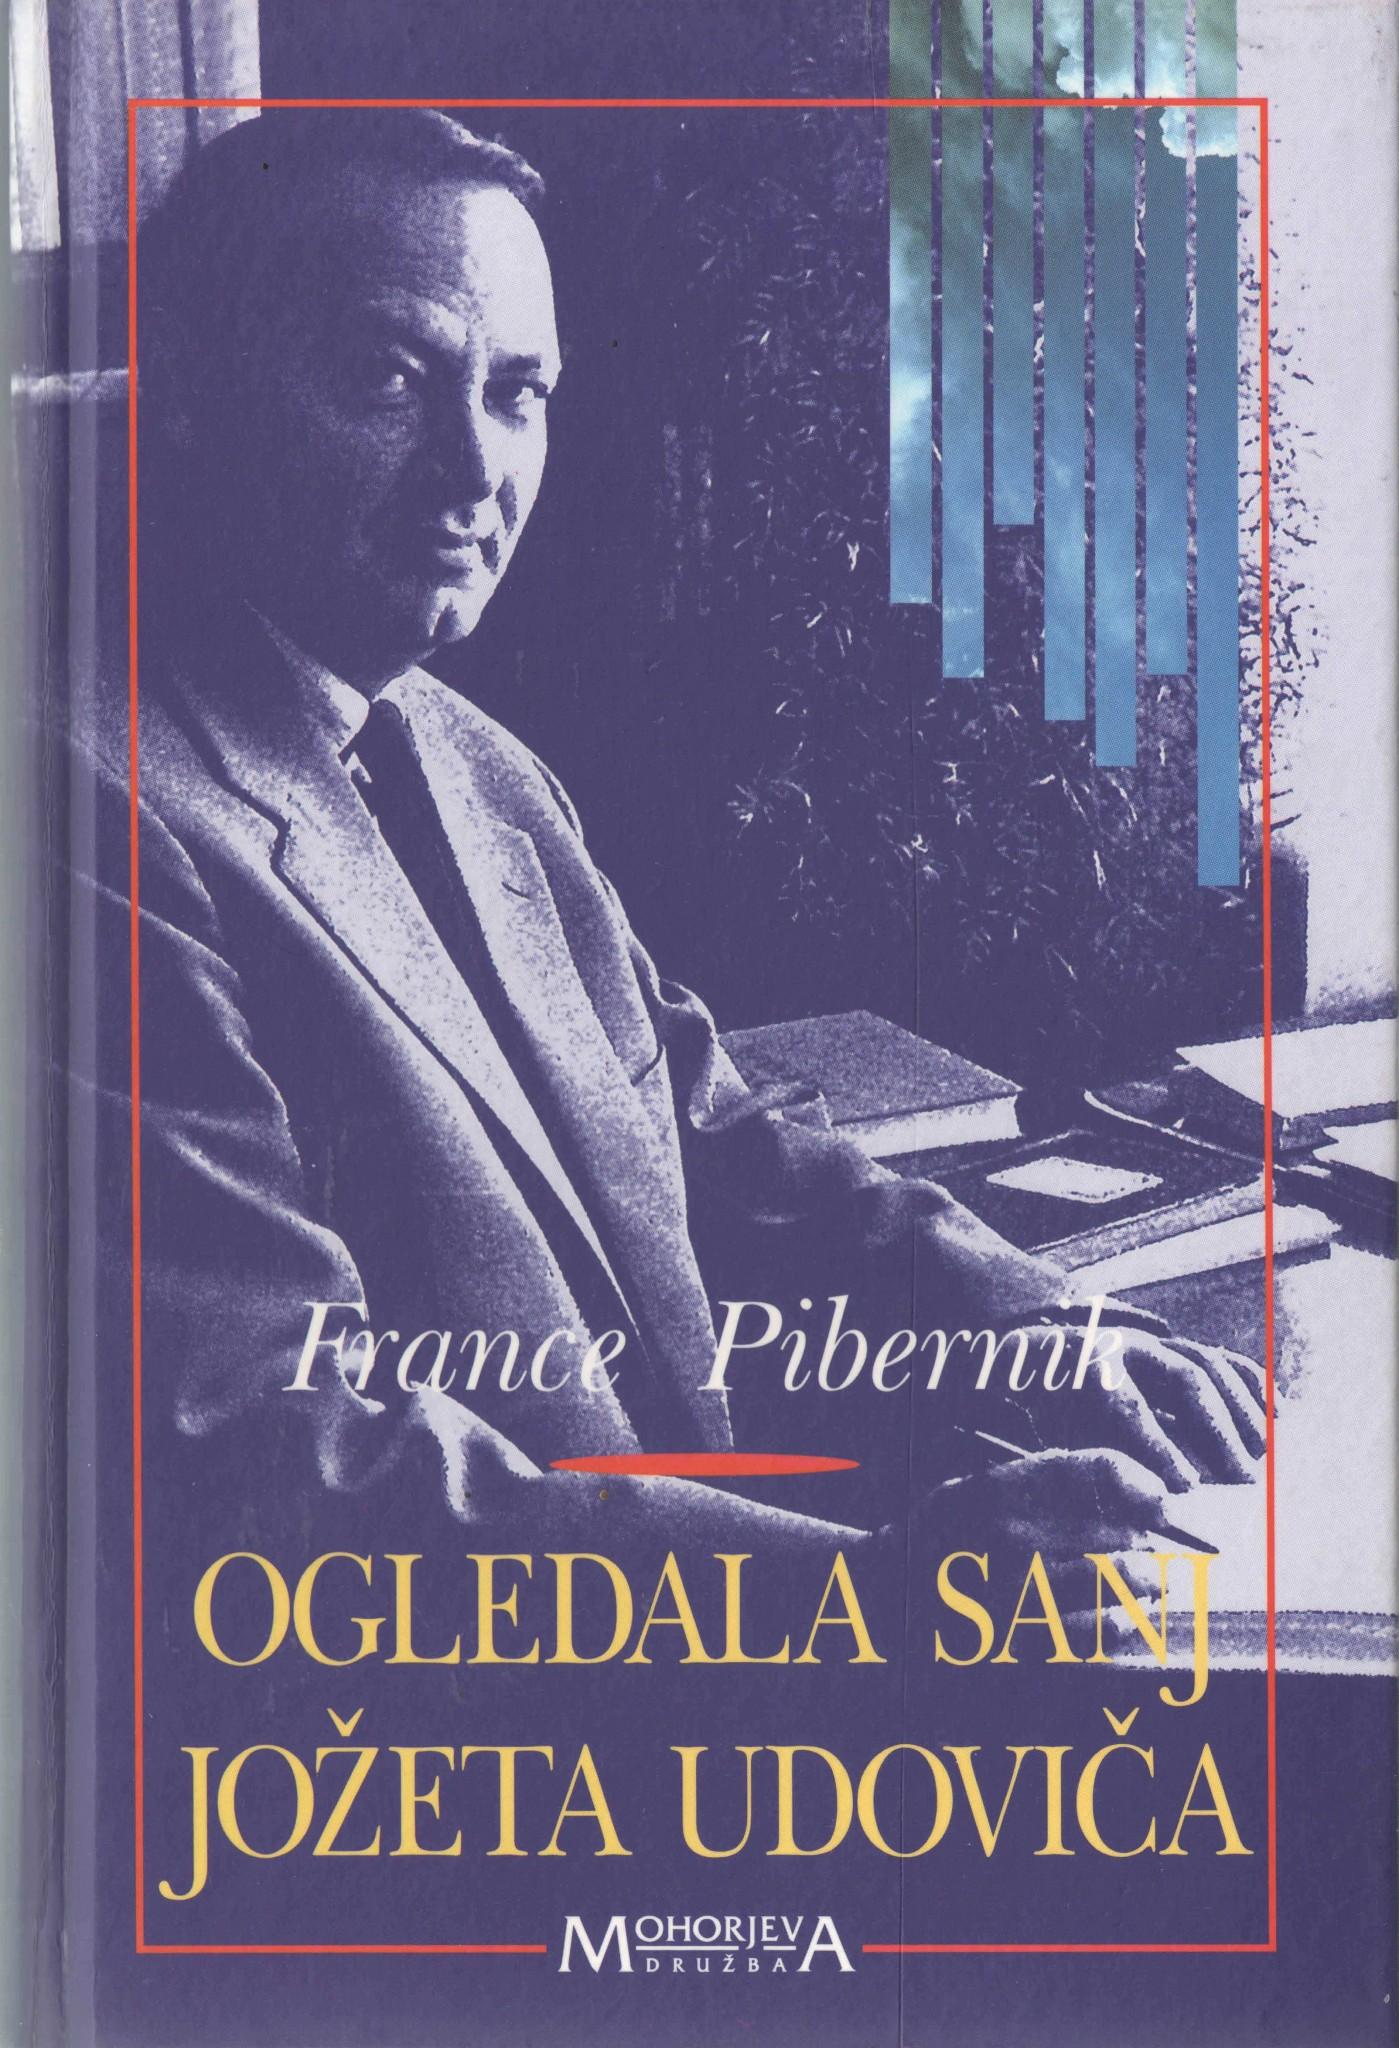 France Pibernik je ob deseti obletnici smrti pripravil monografijo o pesniku - France Pibernik je ob deseti obletnici smrti pripravil monografijo o pesniku